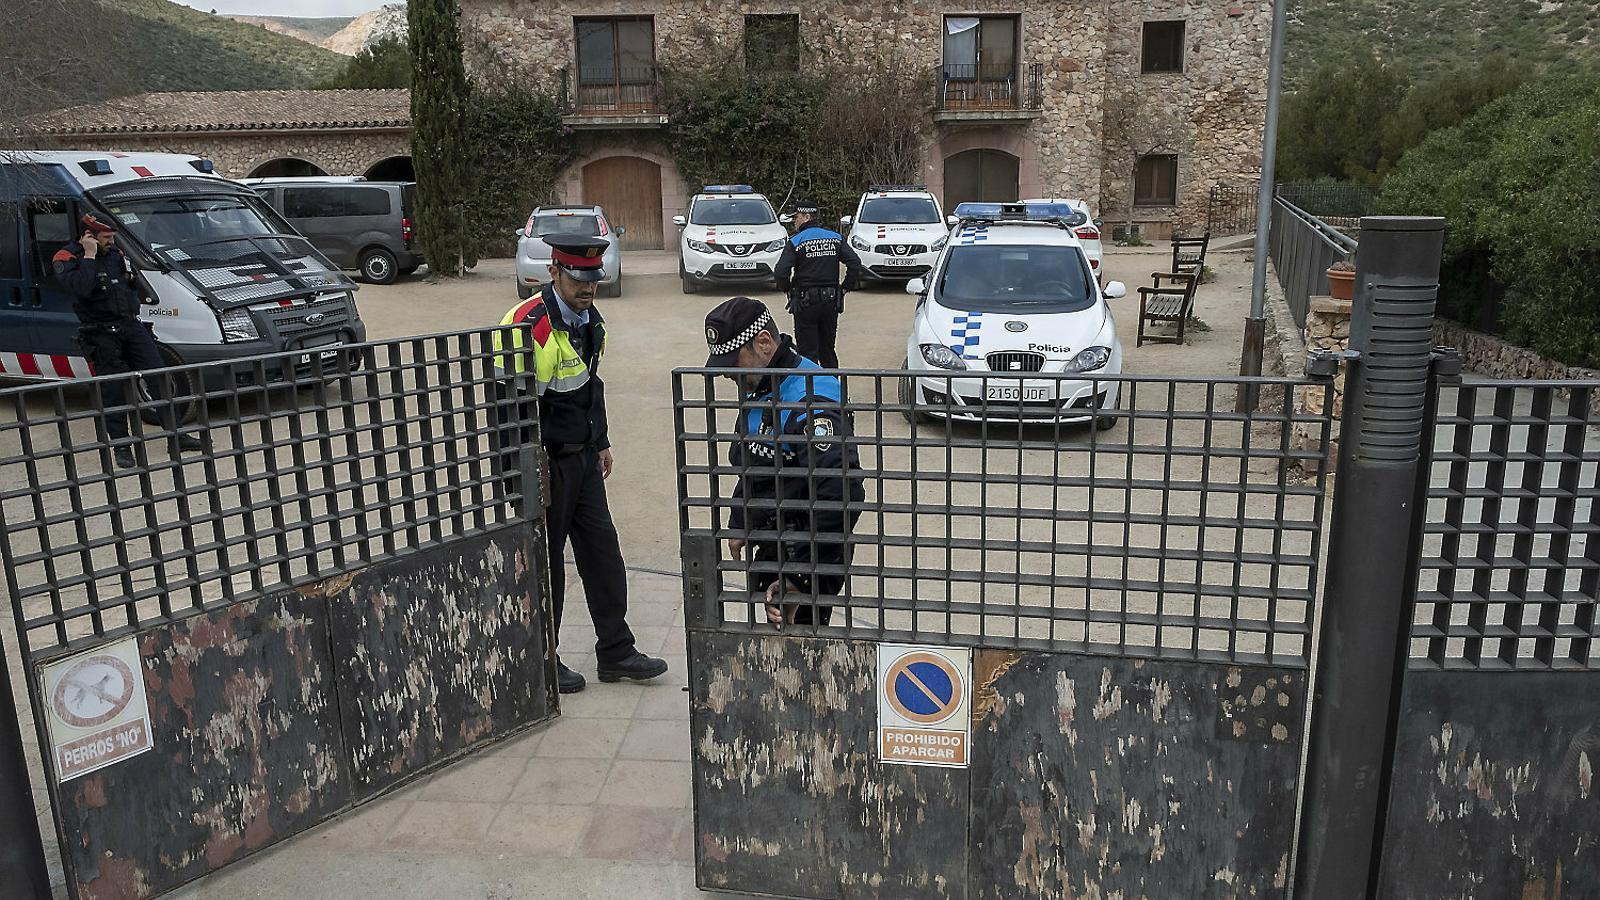 Agents de la Policia Local de Castelldefels i dels Mossos d'Esquadra vigilant el centre de menors dilluns.